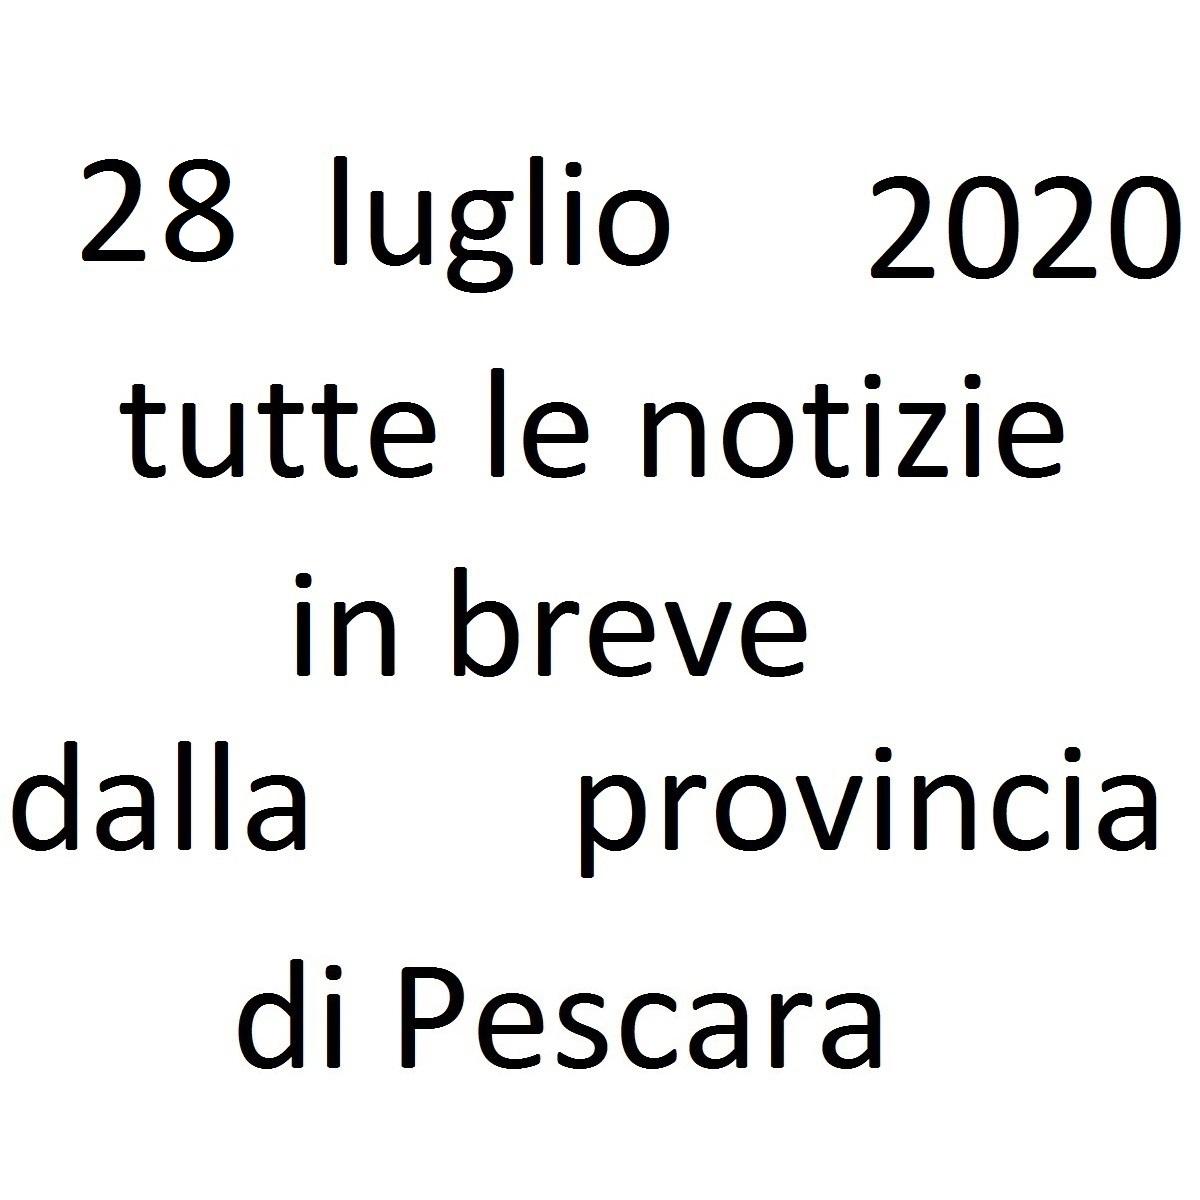 28 luglio 2020 notizie in breve dalla Provincia di Pescara foto